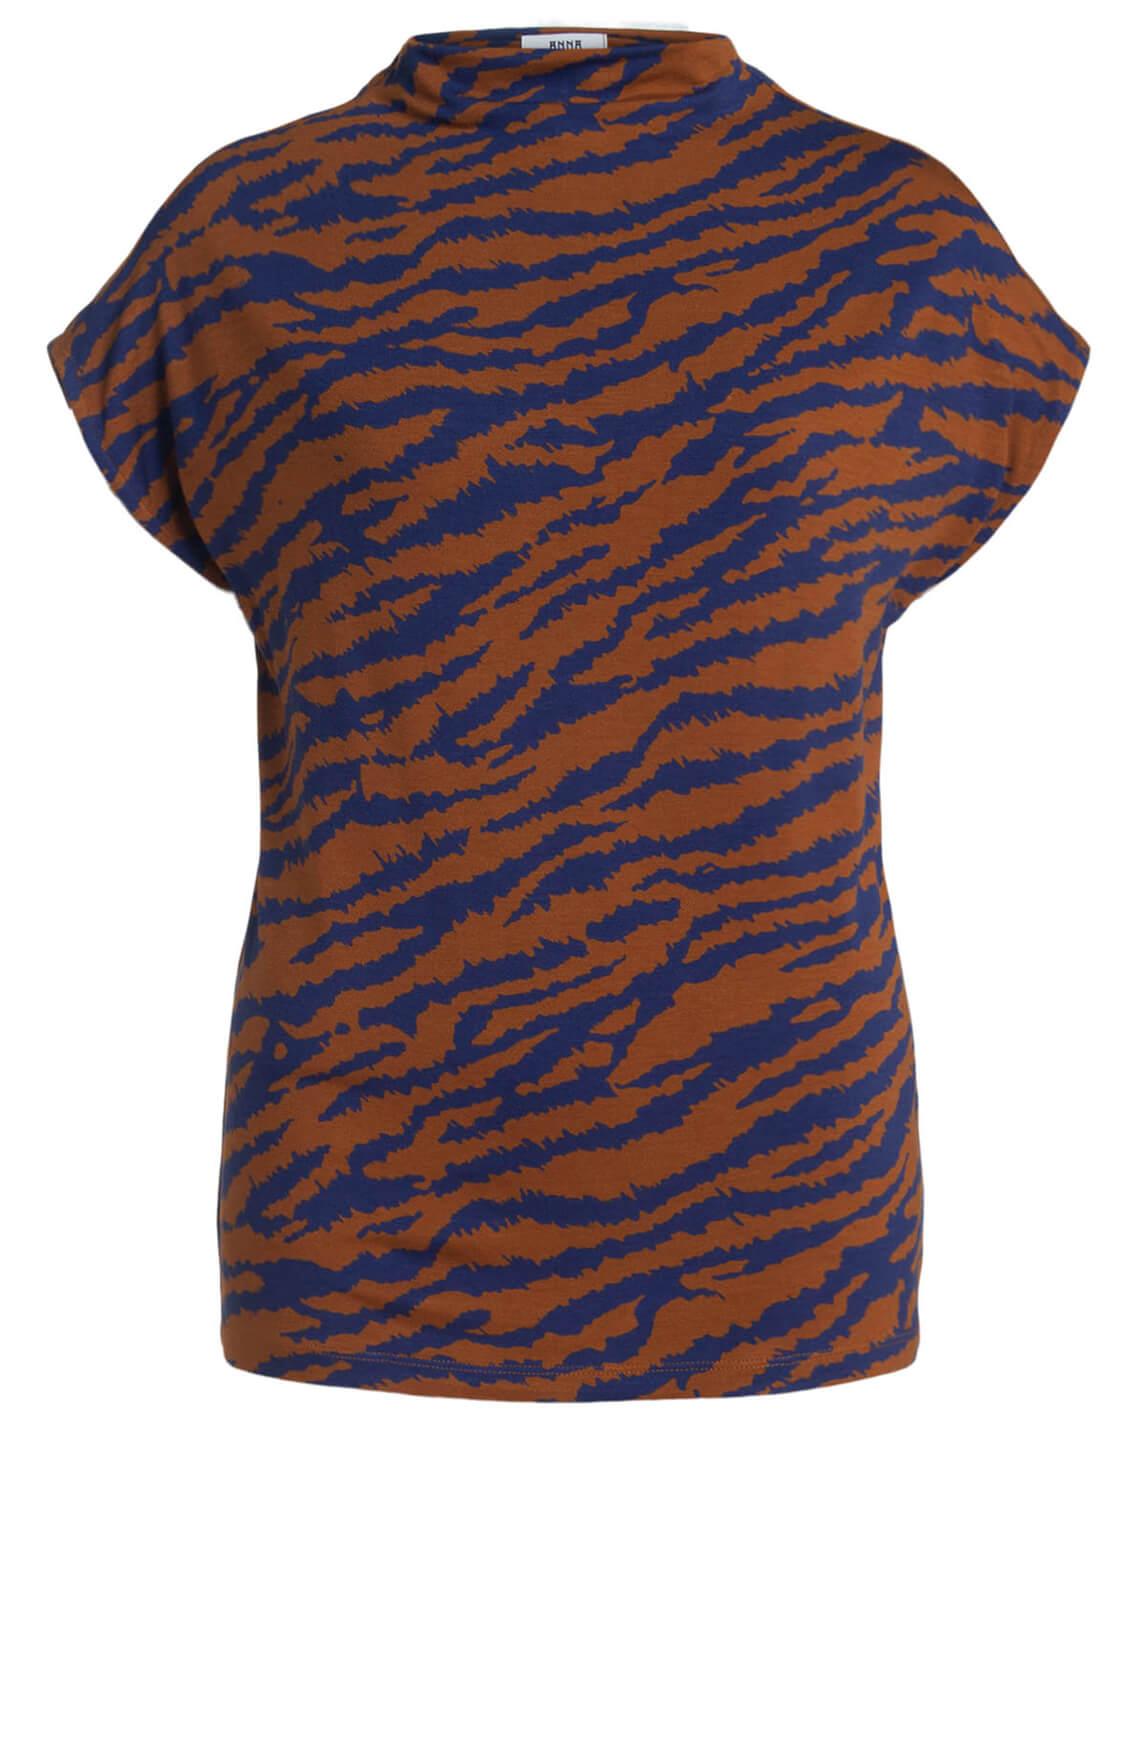 Anna Dames Shirt met animalprint Bruin